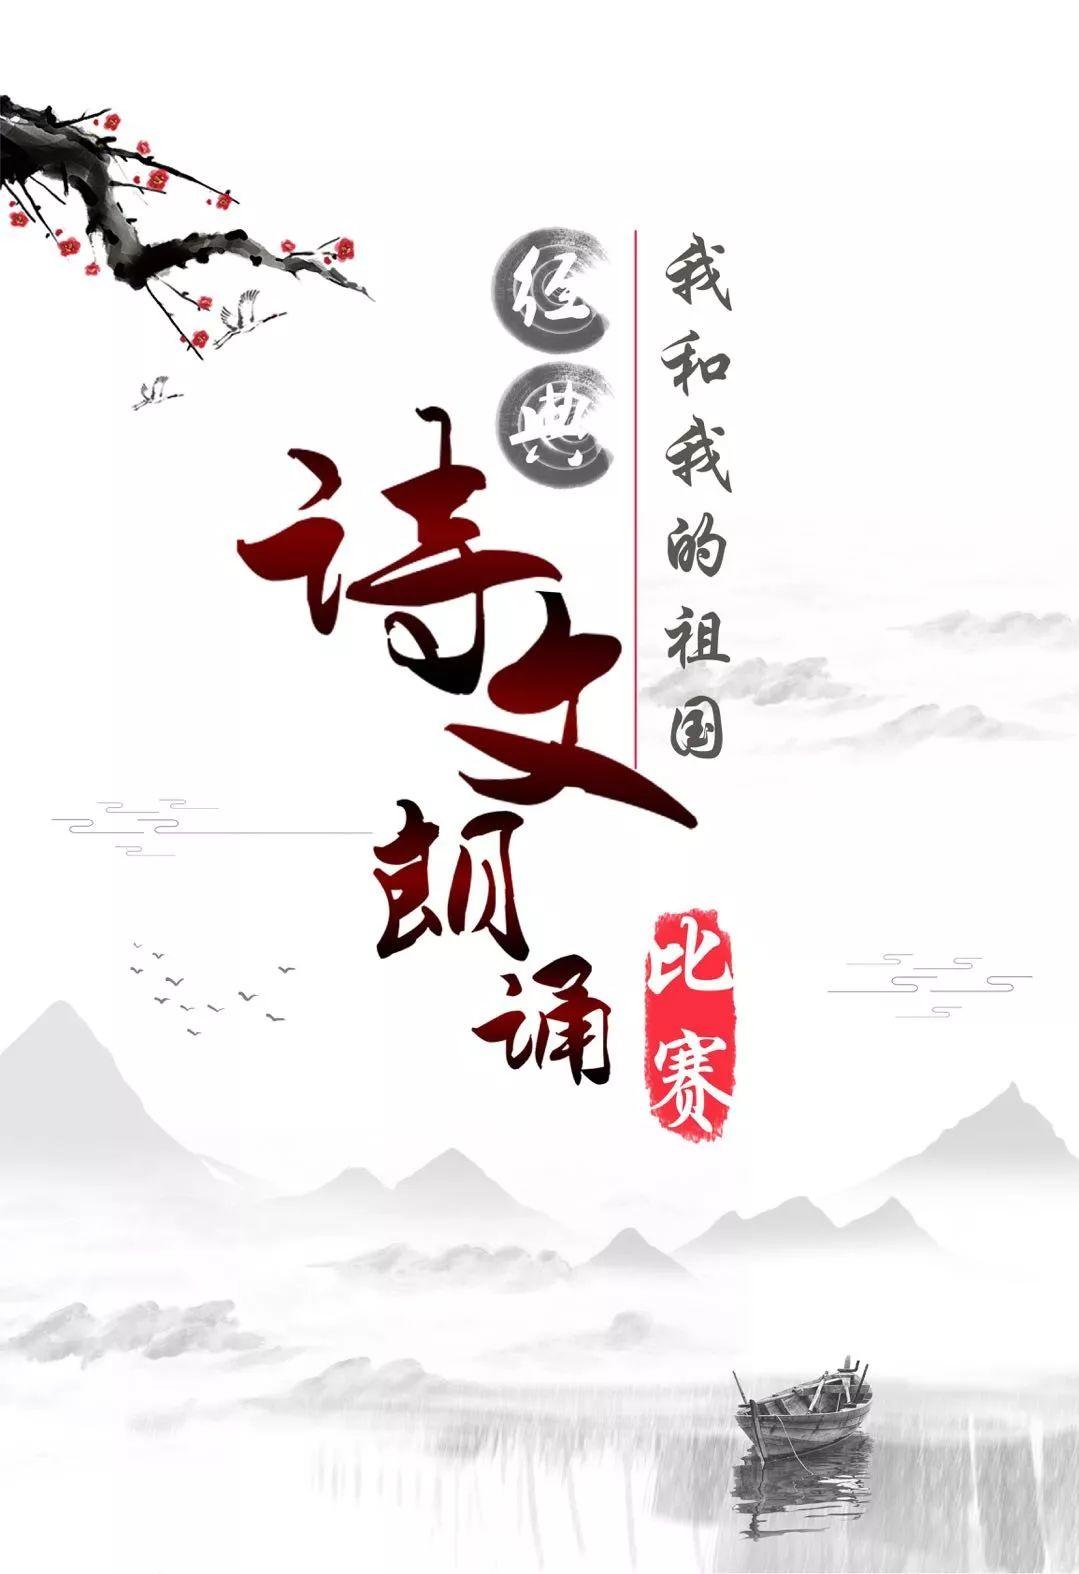 """【907 报名】《907经典留声》""""我和我的祖国""""诗文朗诵比赛"""